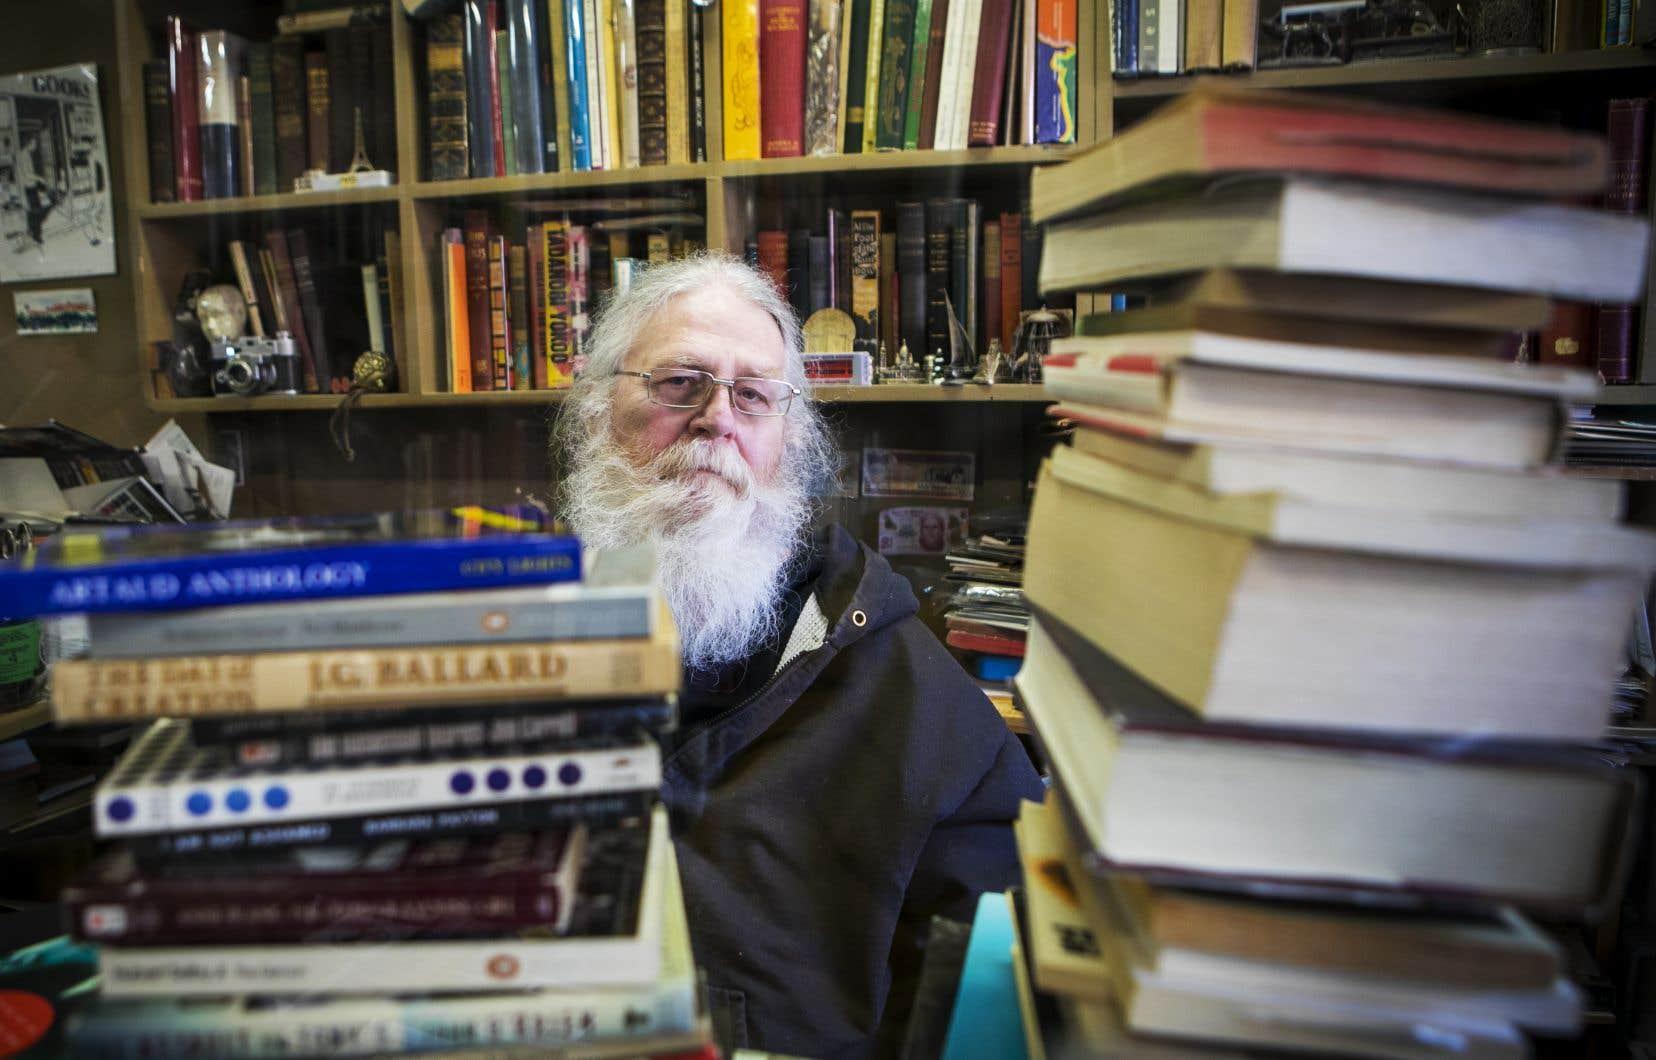 Stephen Welch, le patron de la librairie depuis 37 ans